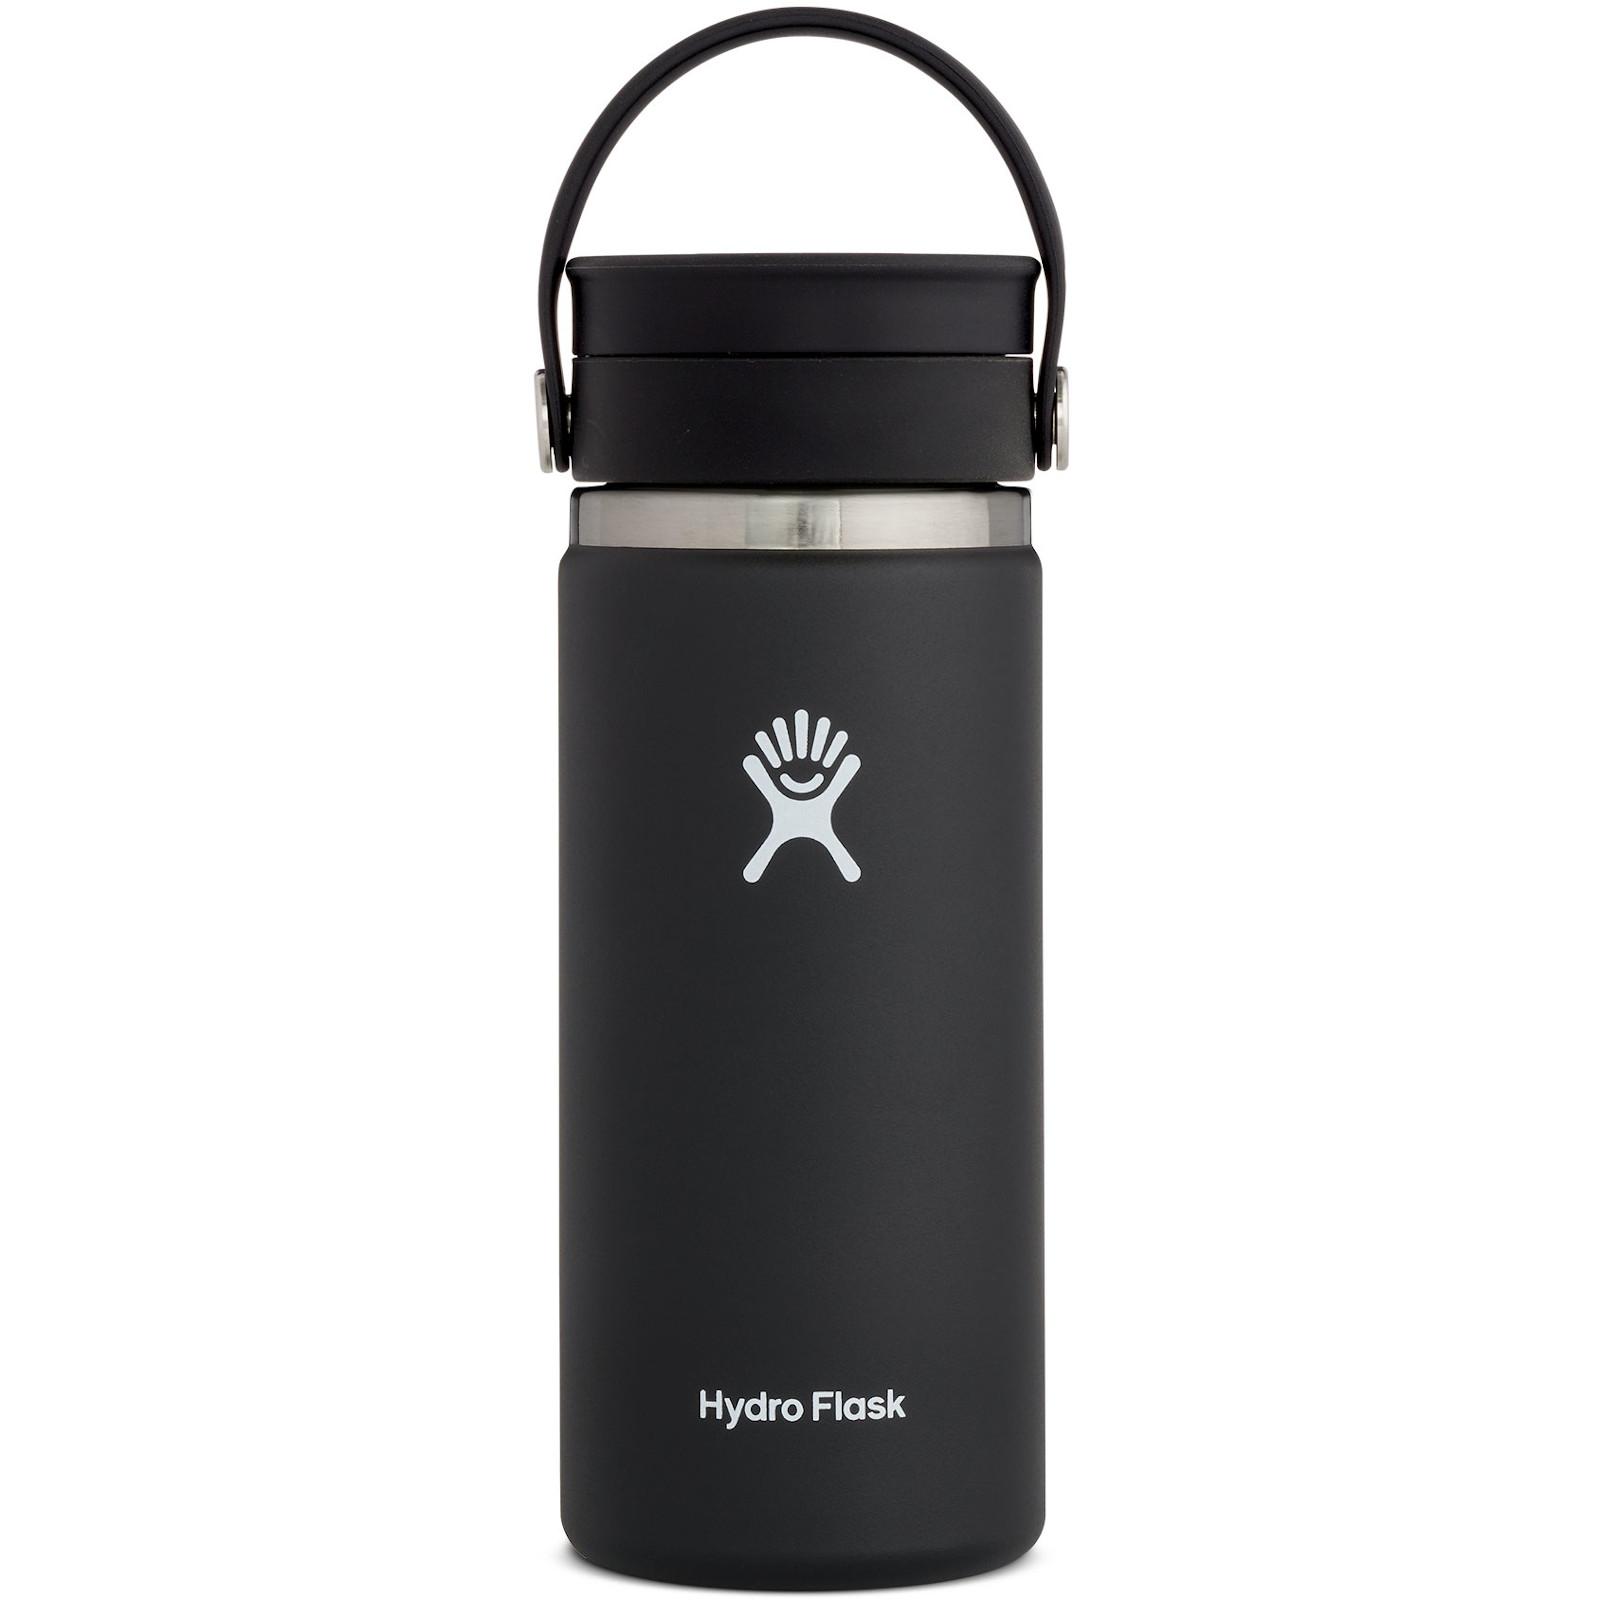 Produktbild von Hydro Flask 16 oz Wide Mouth Coffee Kaffeebecher mit Flex Sip Deckel - 473 ml - Black